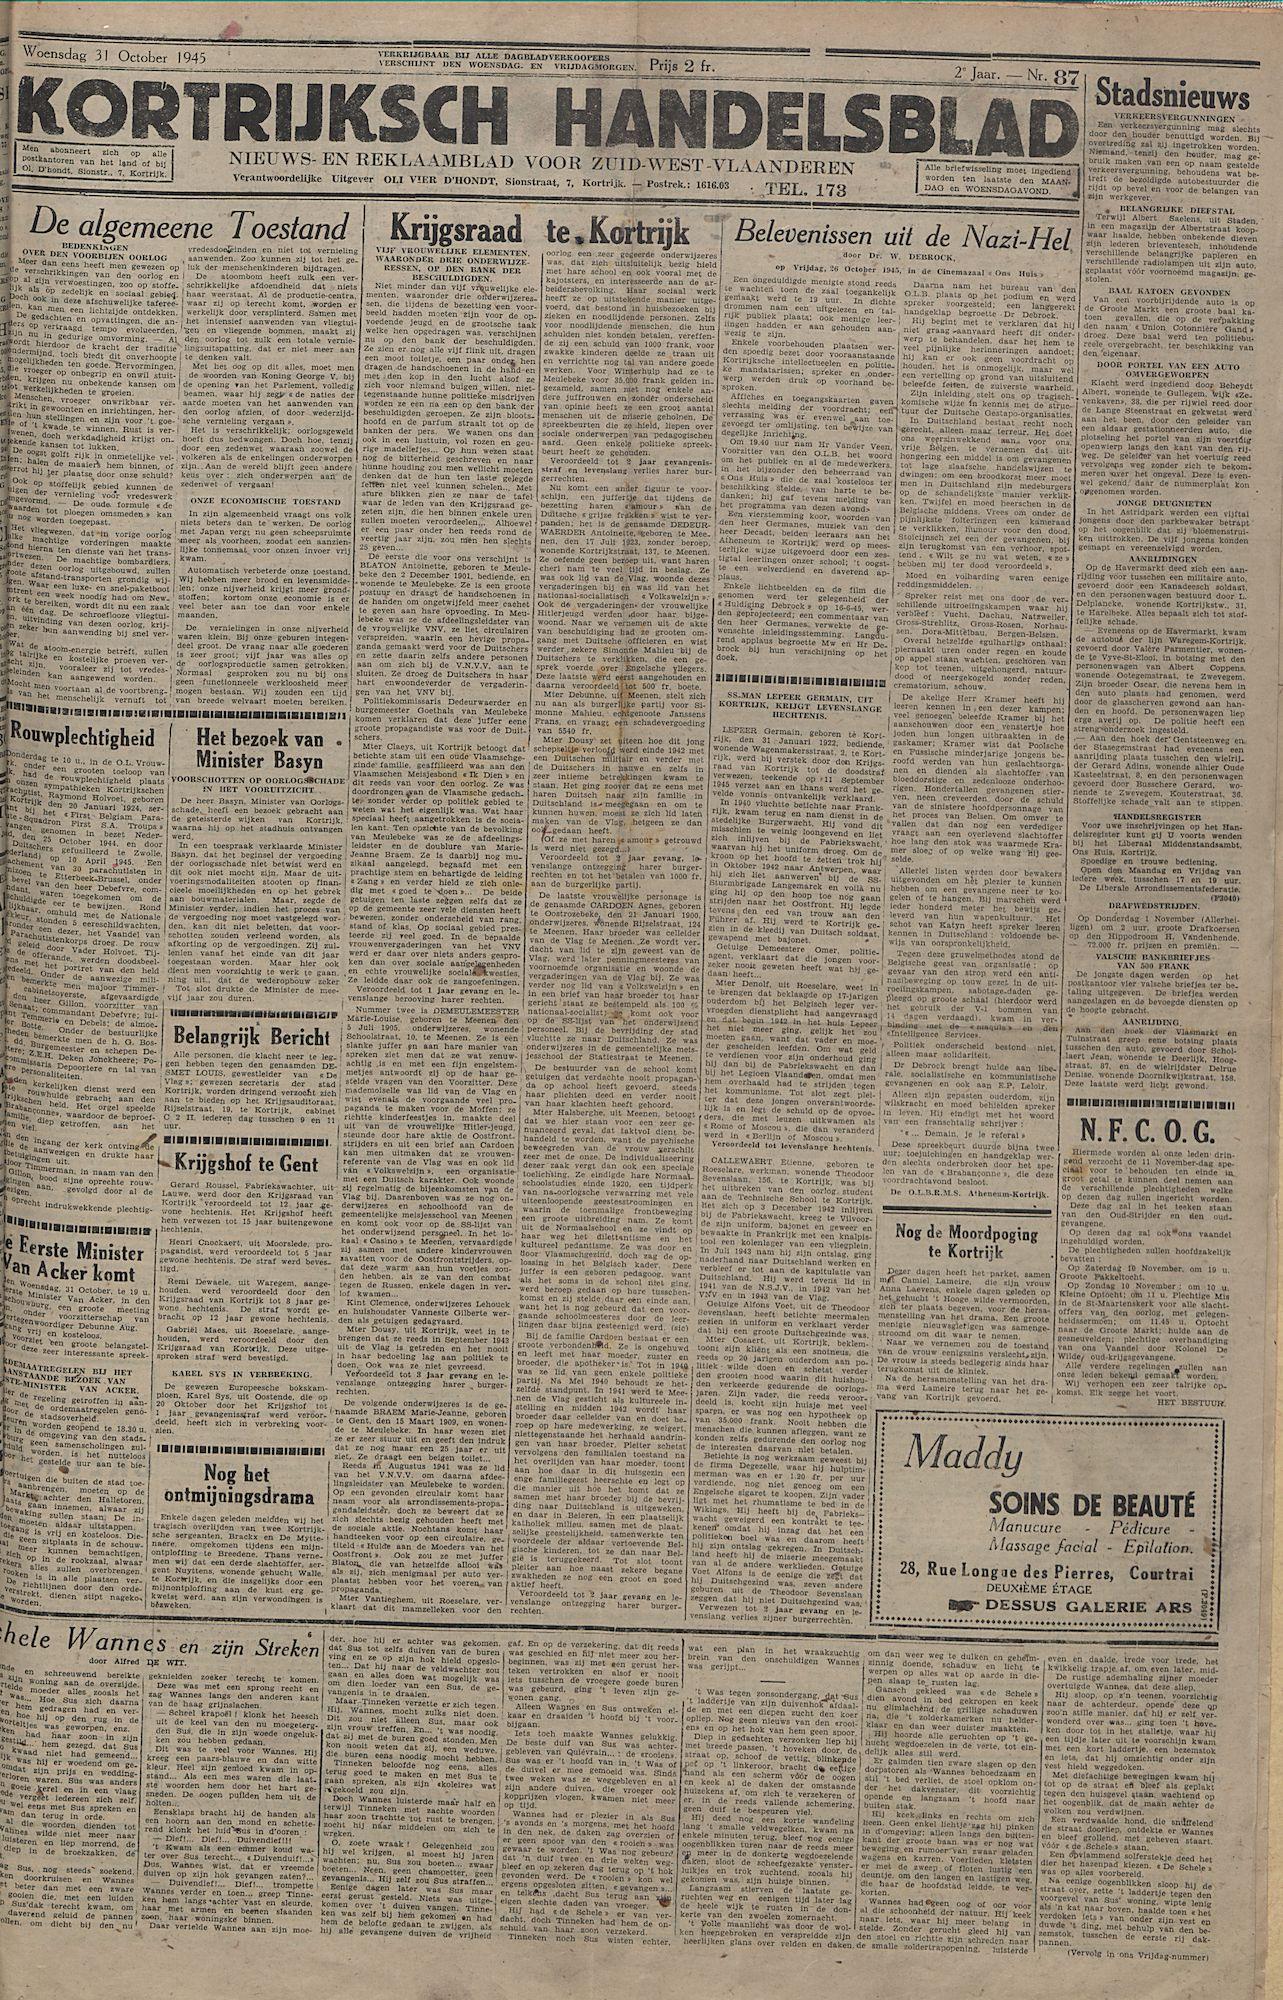 Kortrijksch Handelsblad 31 october 1945 Nr87 p1